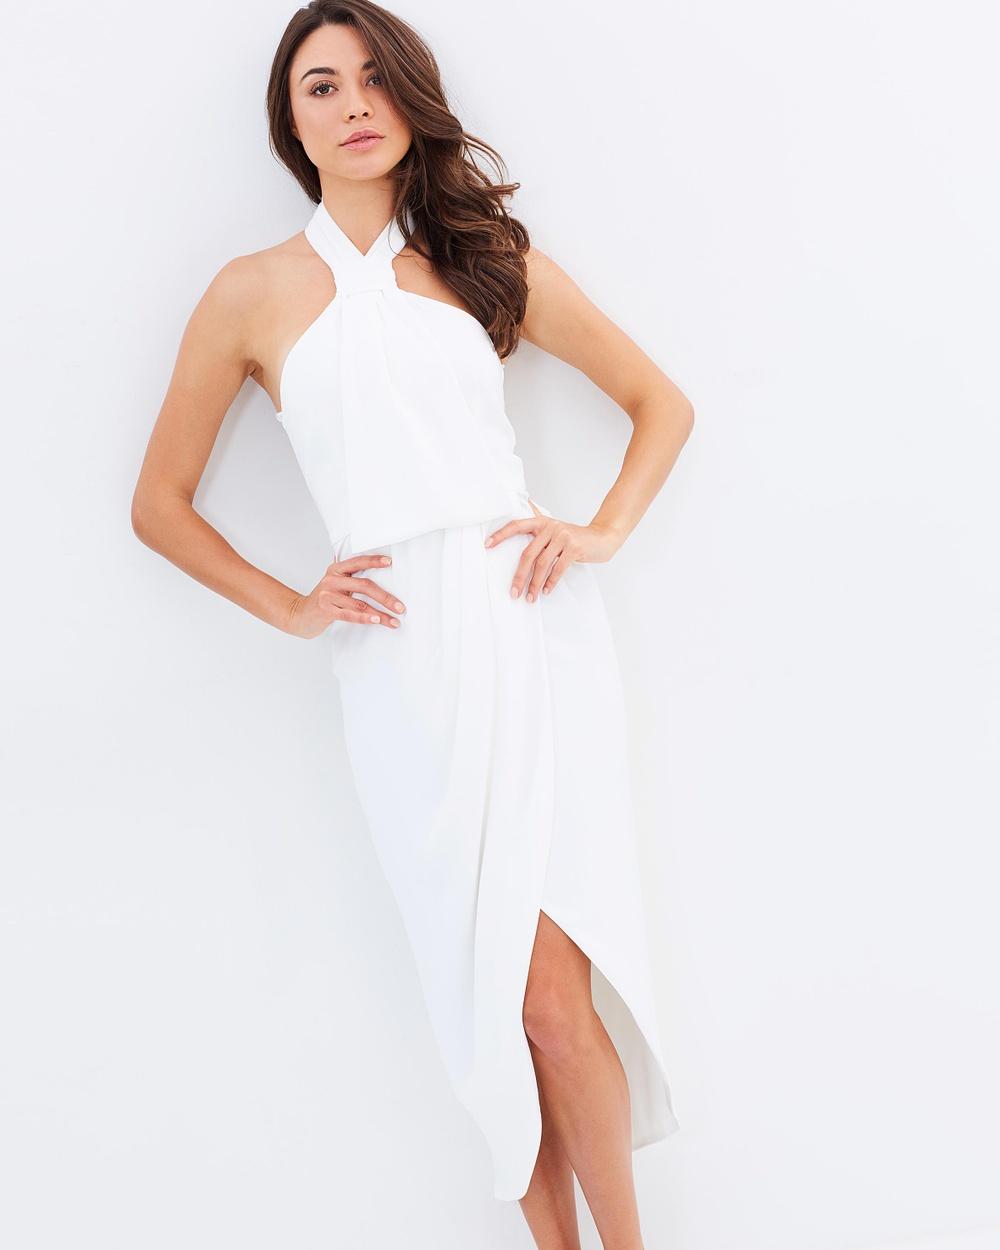 Shona Joy Core Knot Dress Dresses Ivory Core Knot Dress